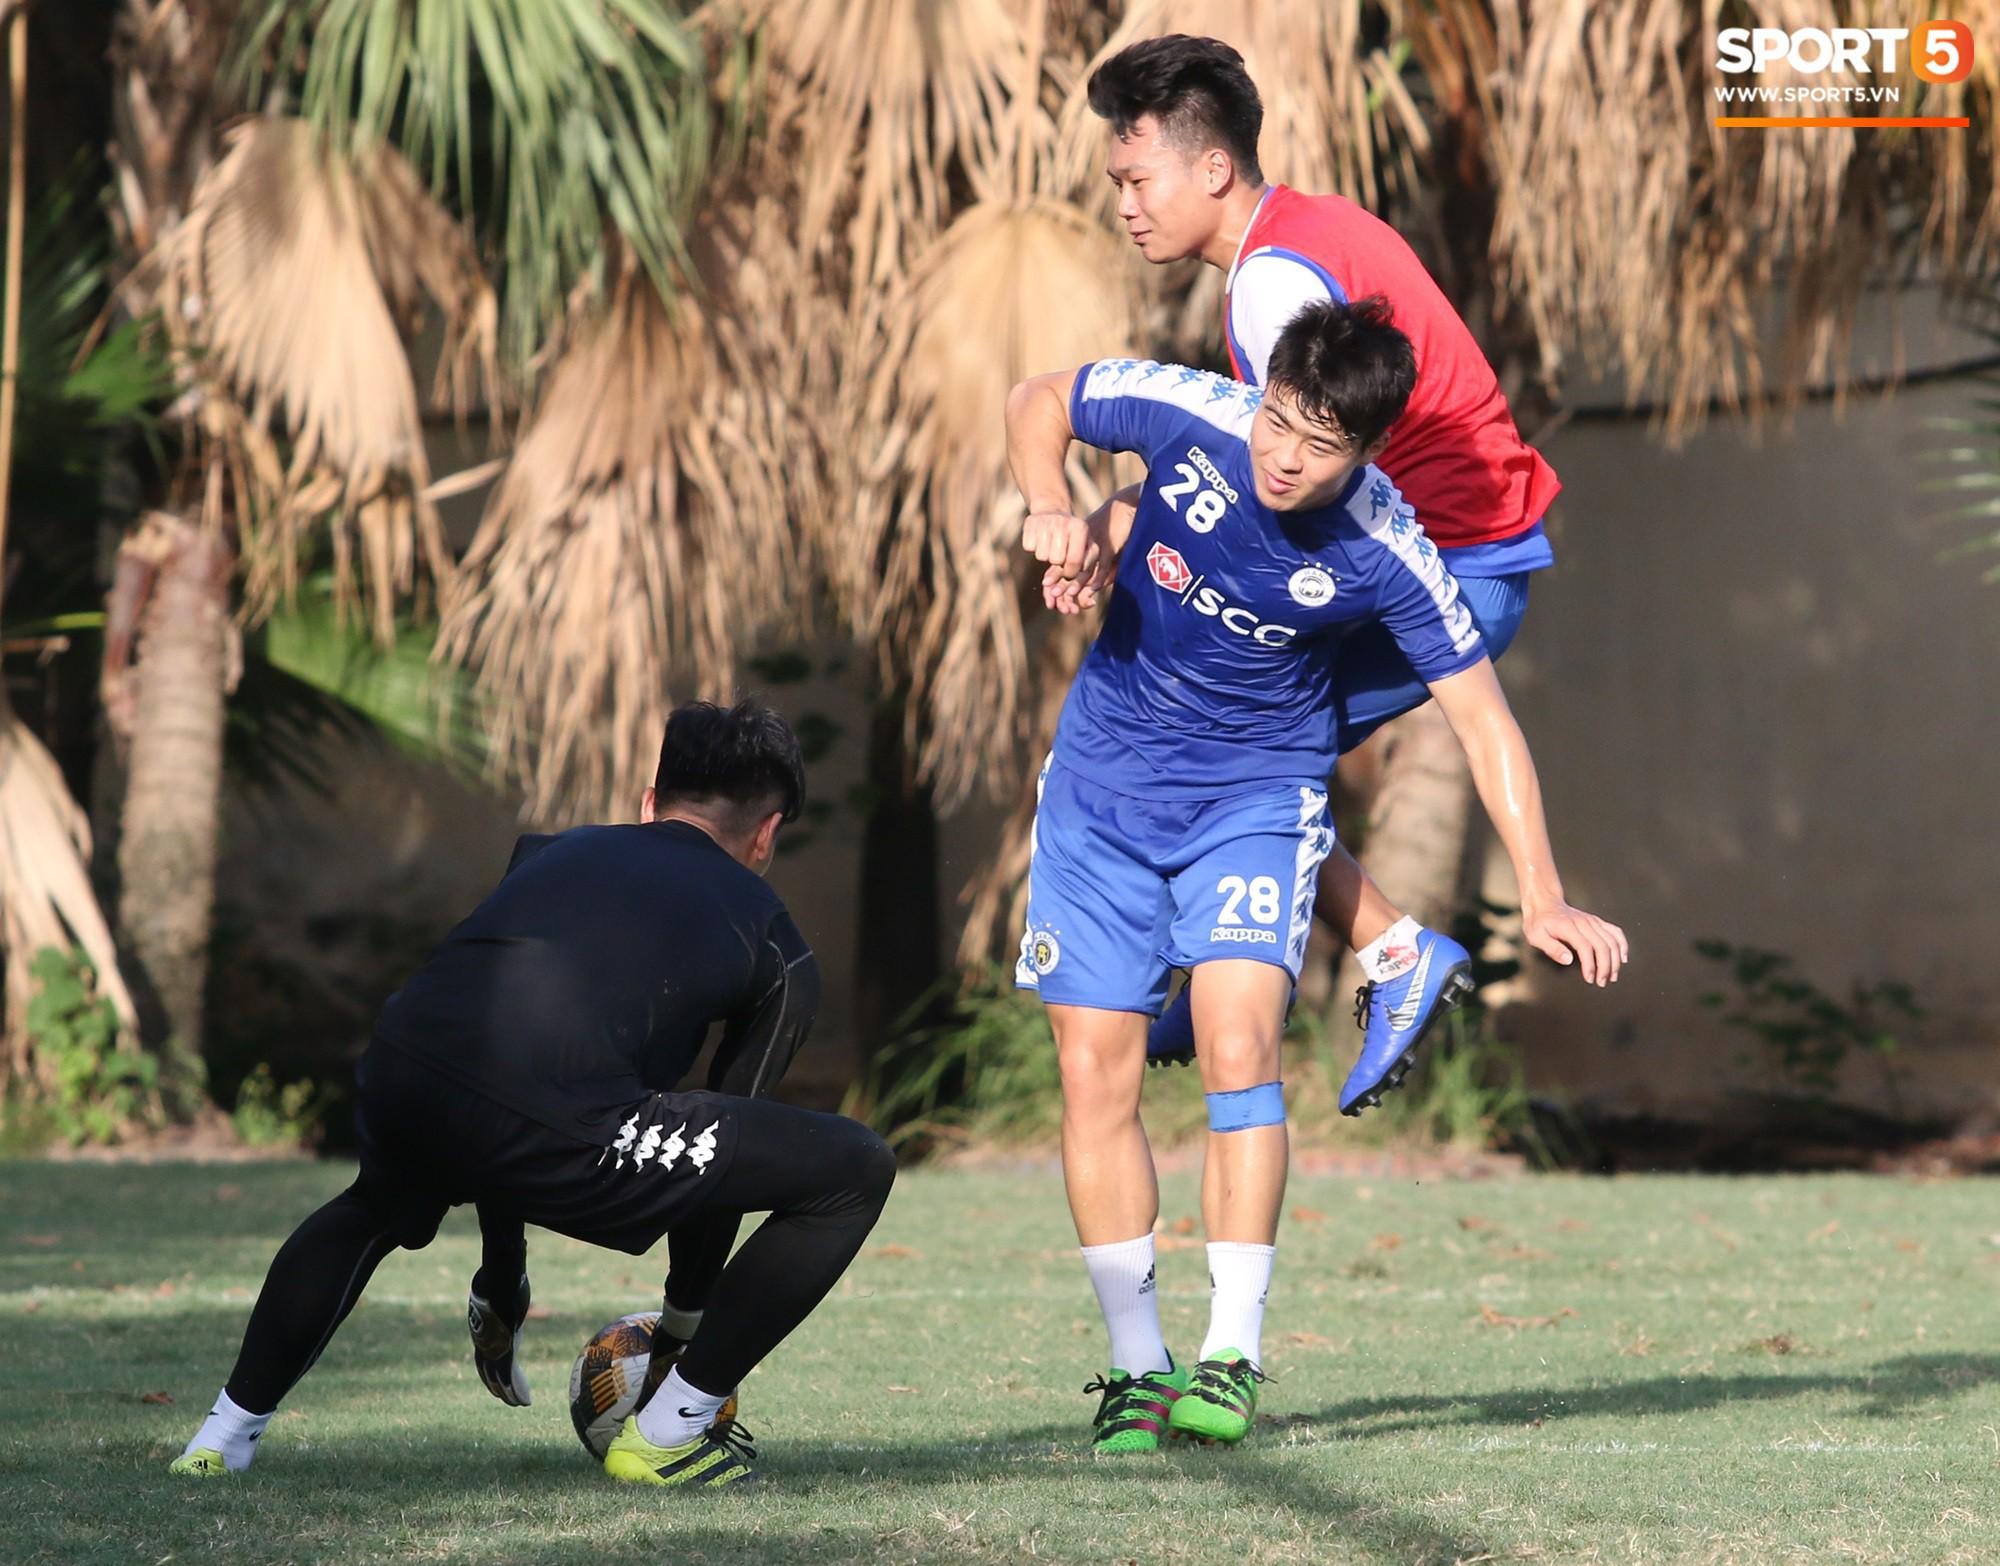 Cởi bỏ vẻ nghiêm nghị thường thấy, HLV của Hà Nội FC xỏ giày vào sân chơi lầy cùng Quang Hải, Duy Mạnh - Ảnh 4.